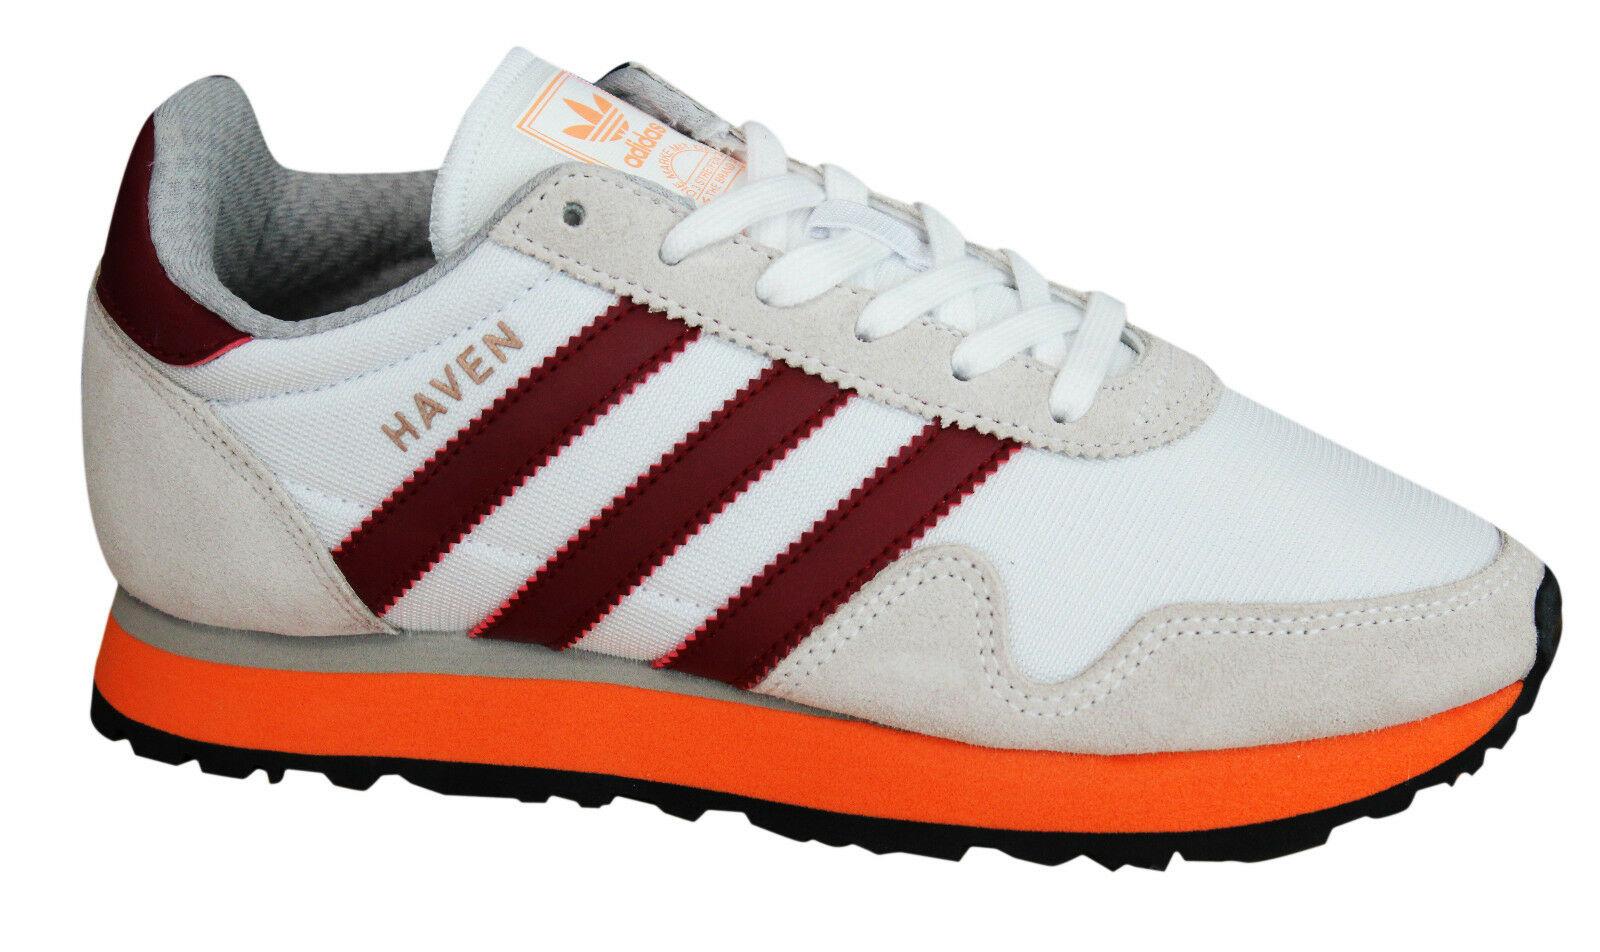 Adidas Originals Haven Mens Trainers Lace Up Shoes Textile ...